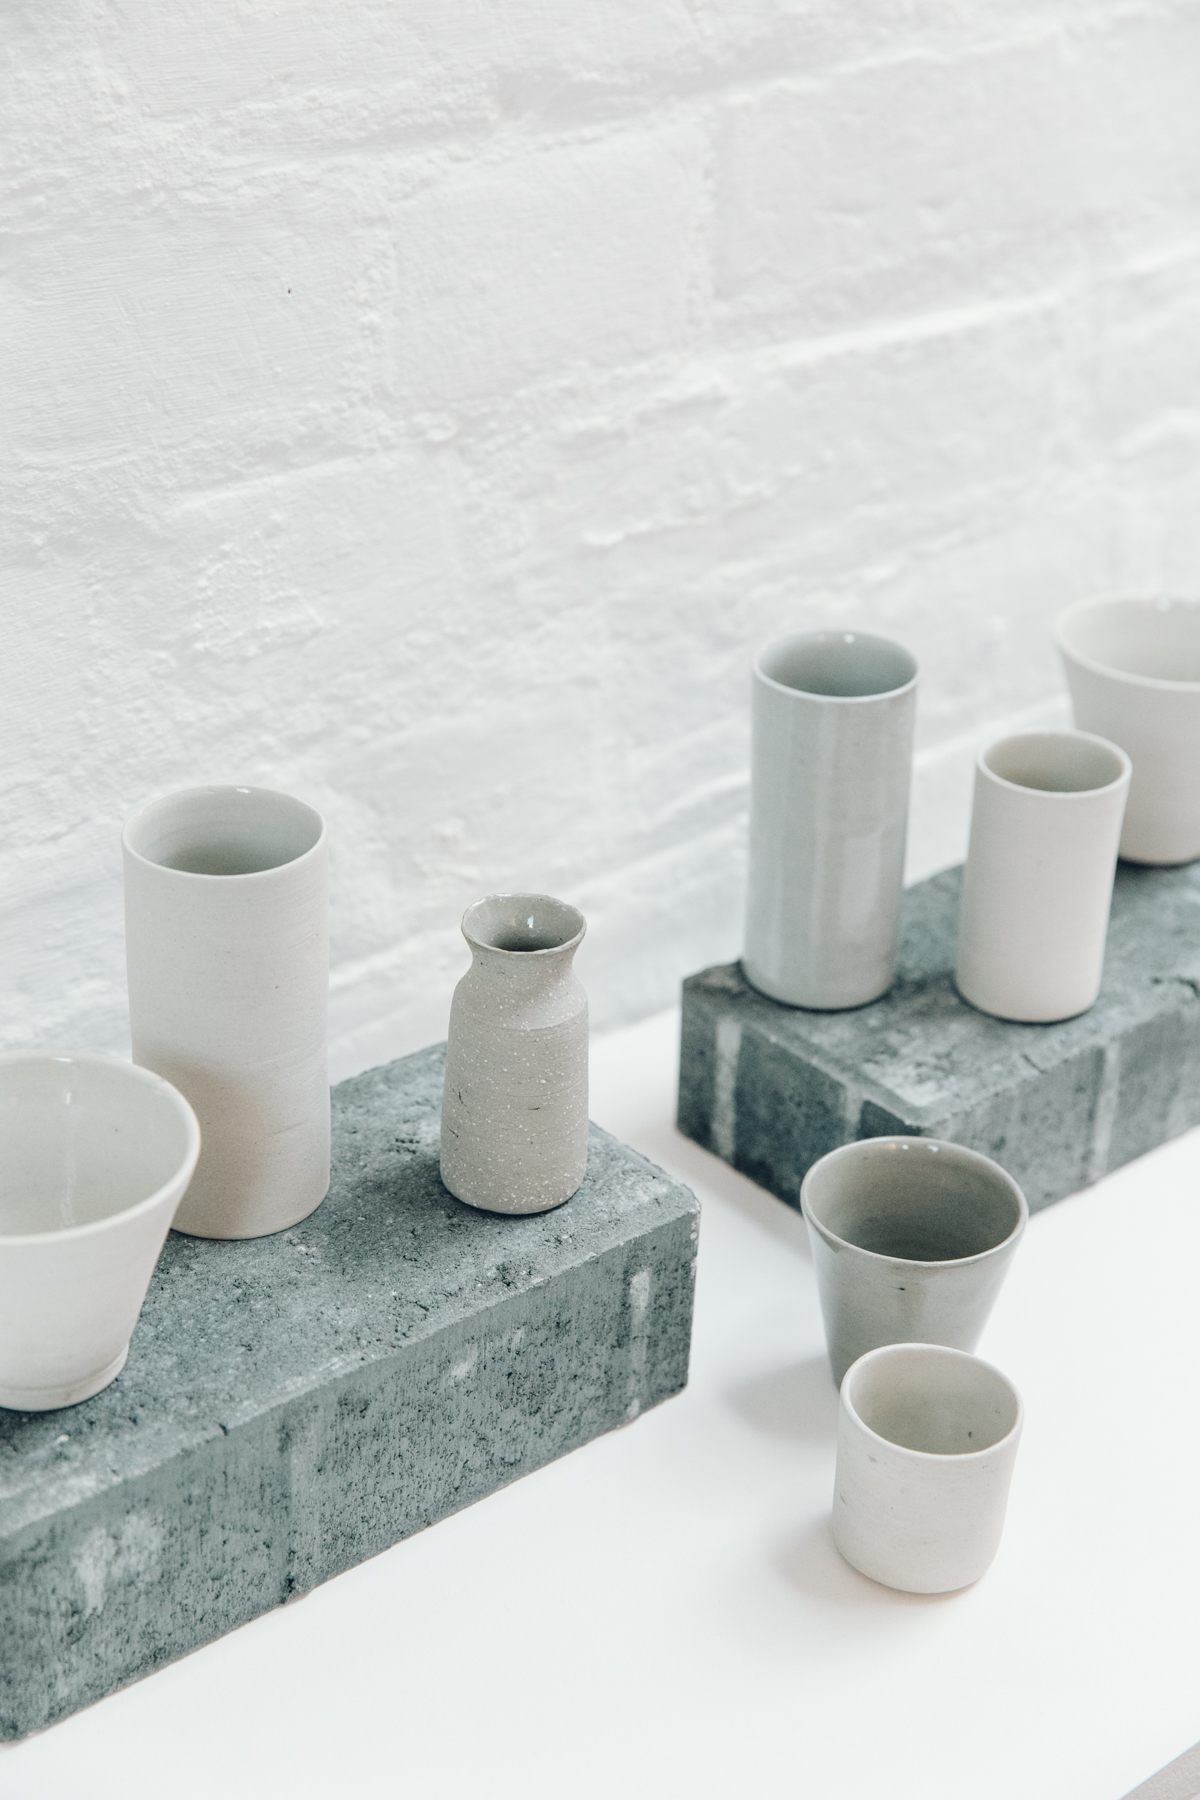 Jono Smart ceramics